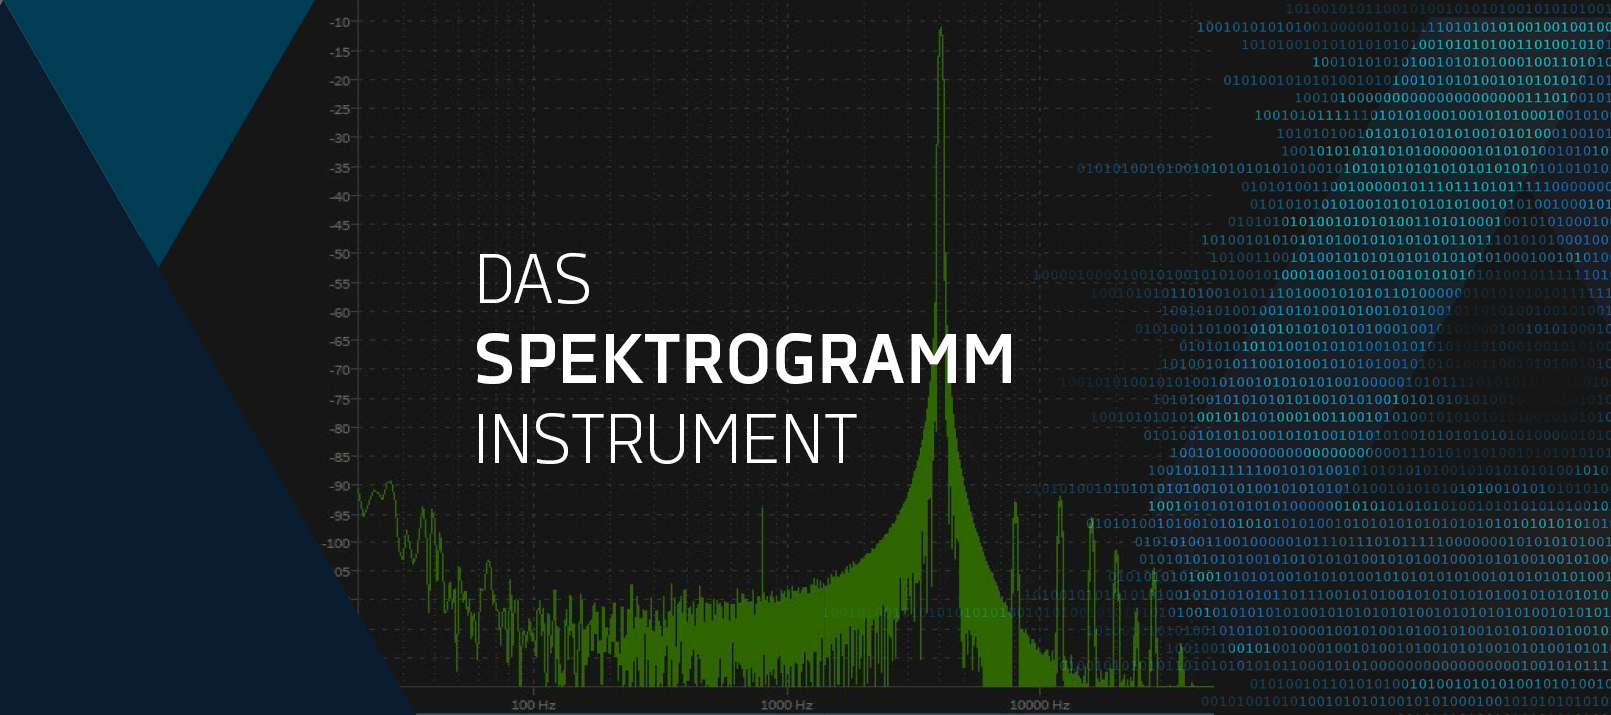 oxygen-fft-analyse-spektrogramm